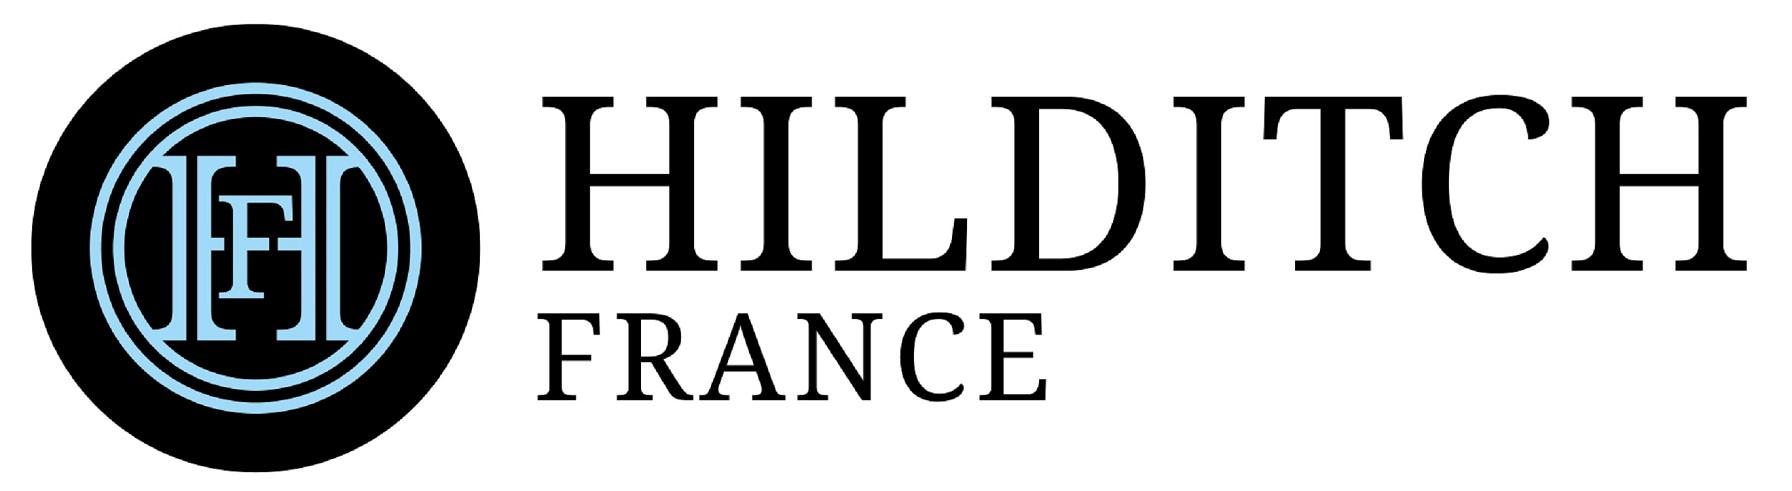 HILDITCH Iberia logo